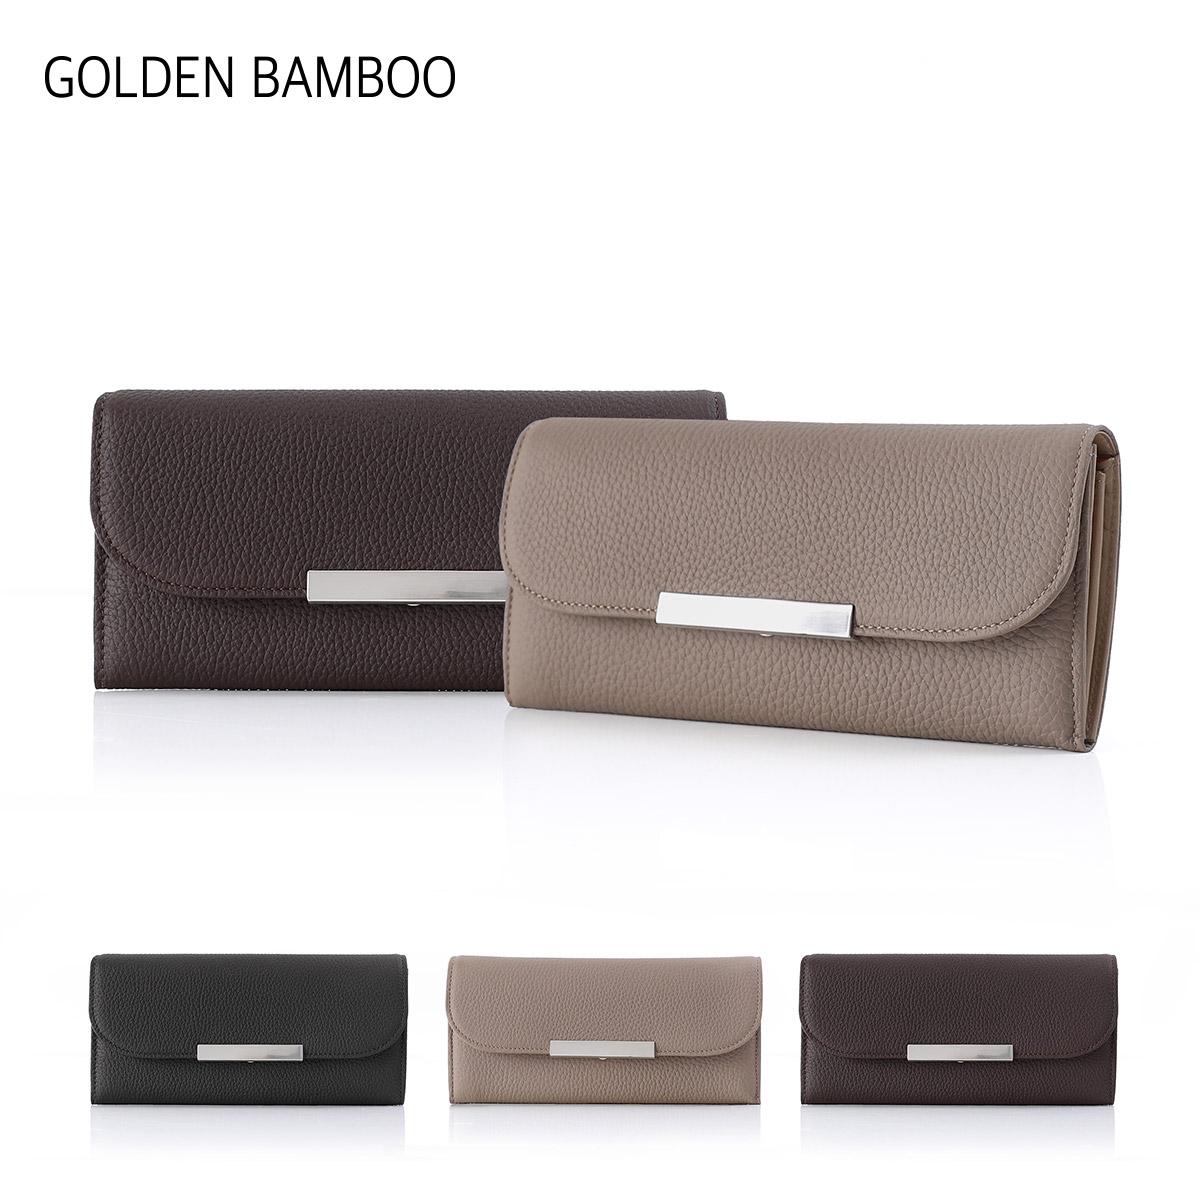 ゴールデンバンブー 長財布 メンズ GB-245 日本製 GOLDEN BAMBOO | 牛革 本革 レザー[即日発送][PO5][bef]